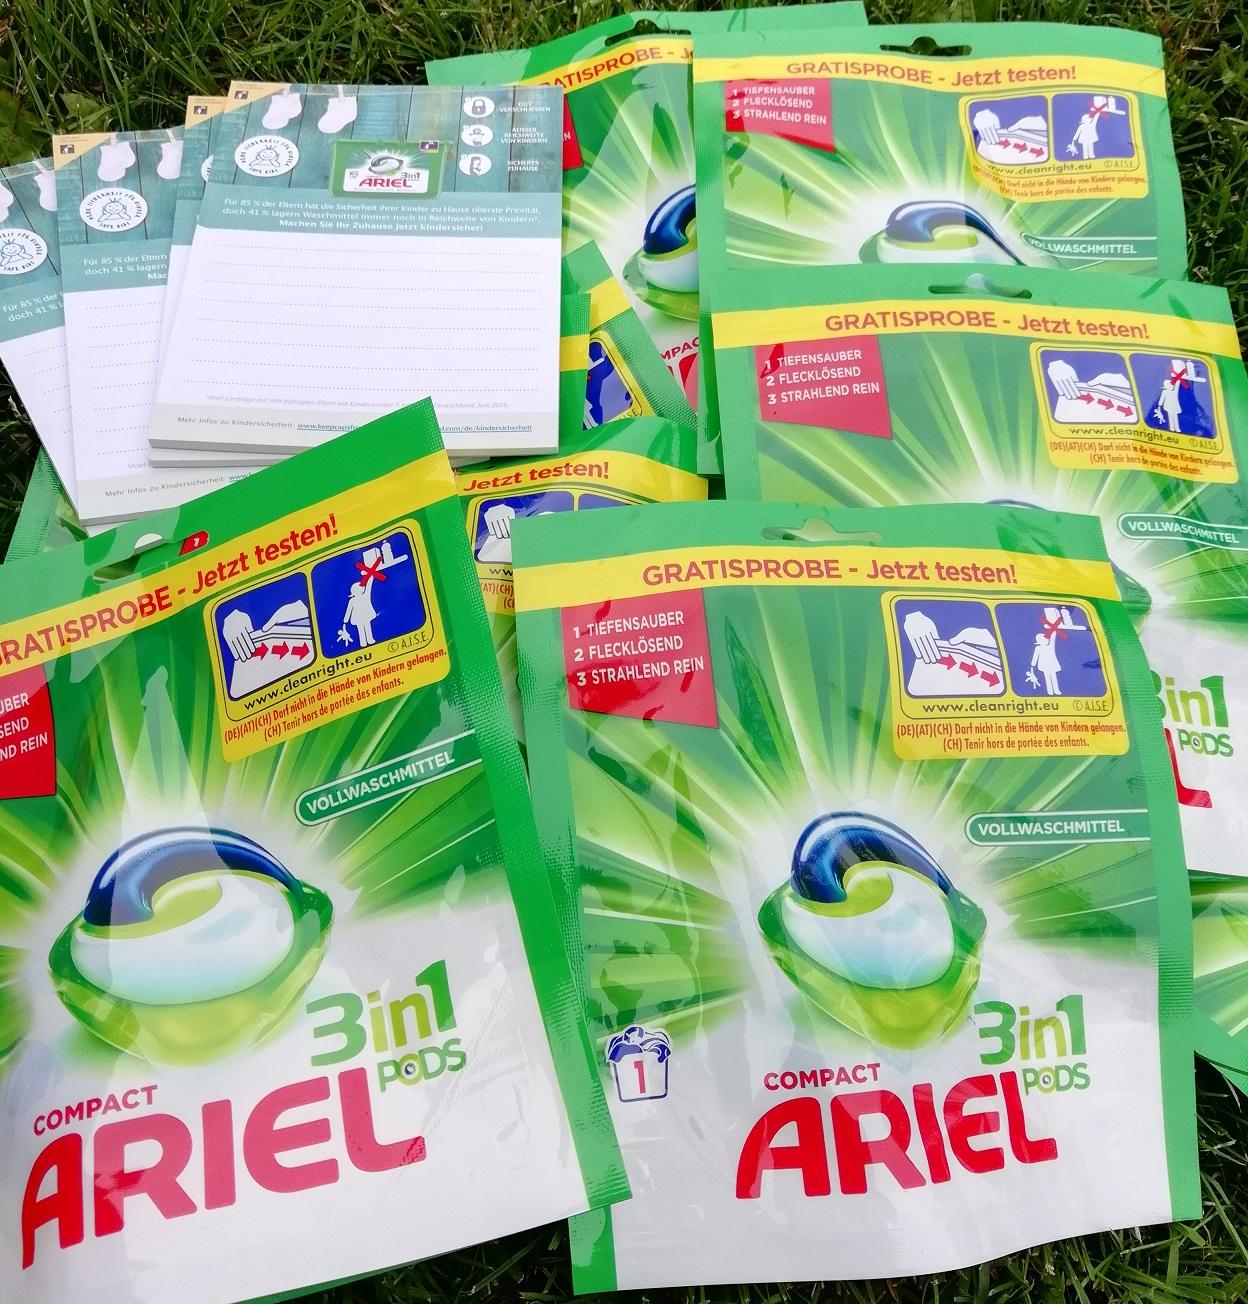 Ariel 3in1 Pods Test Erfahrung